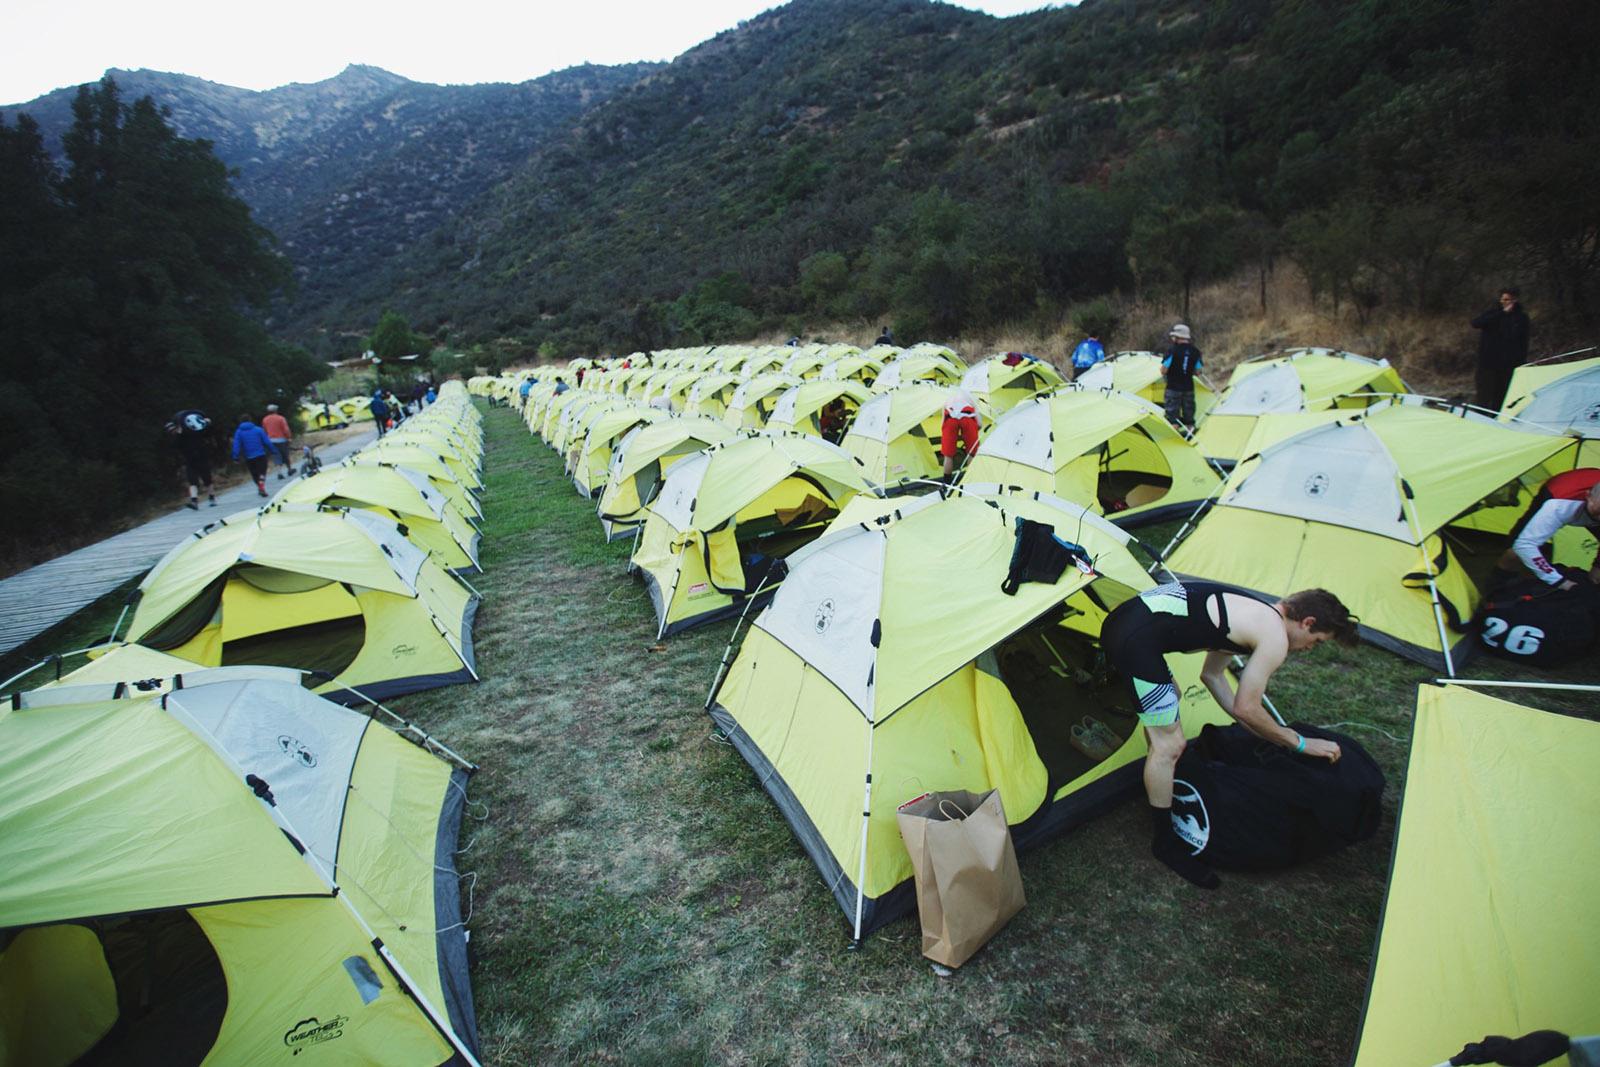 Santa Cruz Bicycles - Morning Rituals at Andes Pacifico